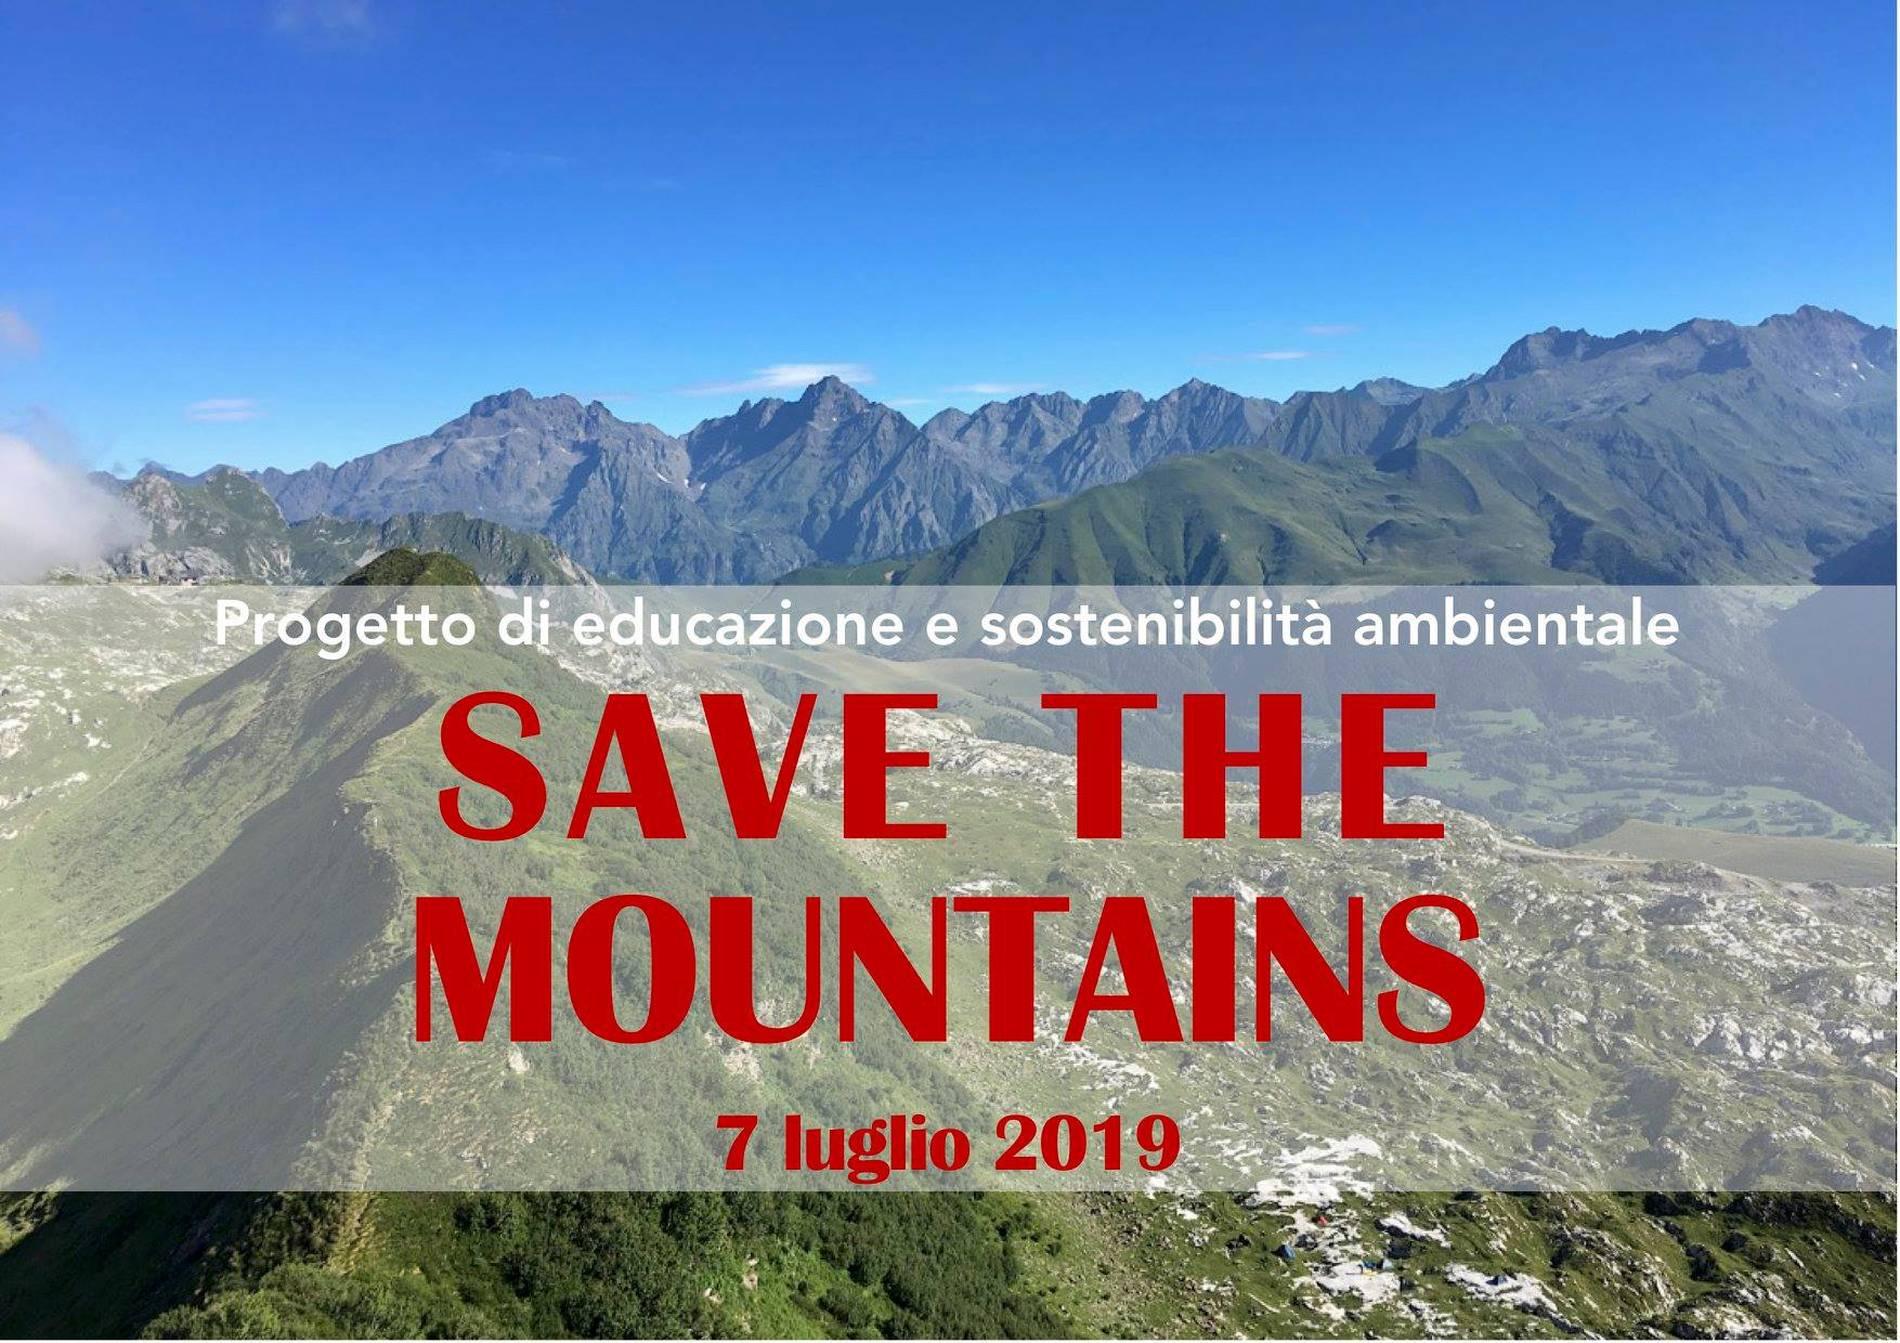 Save the Mountains, il percorso di avvicinamento alla camminata